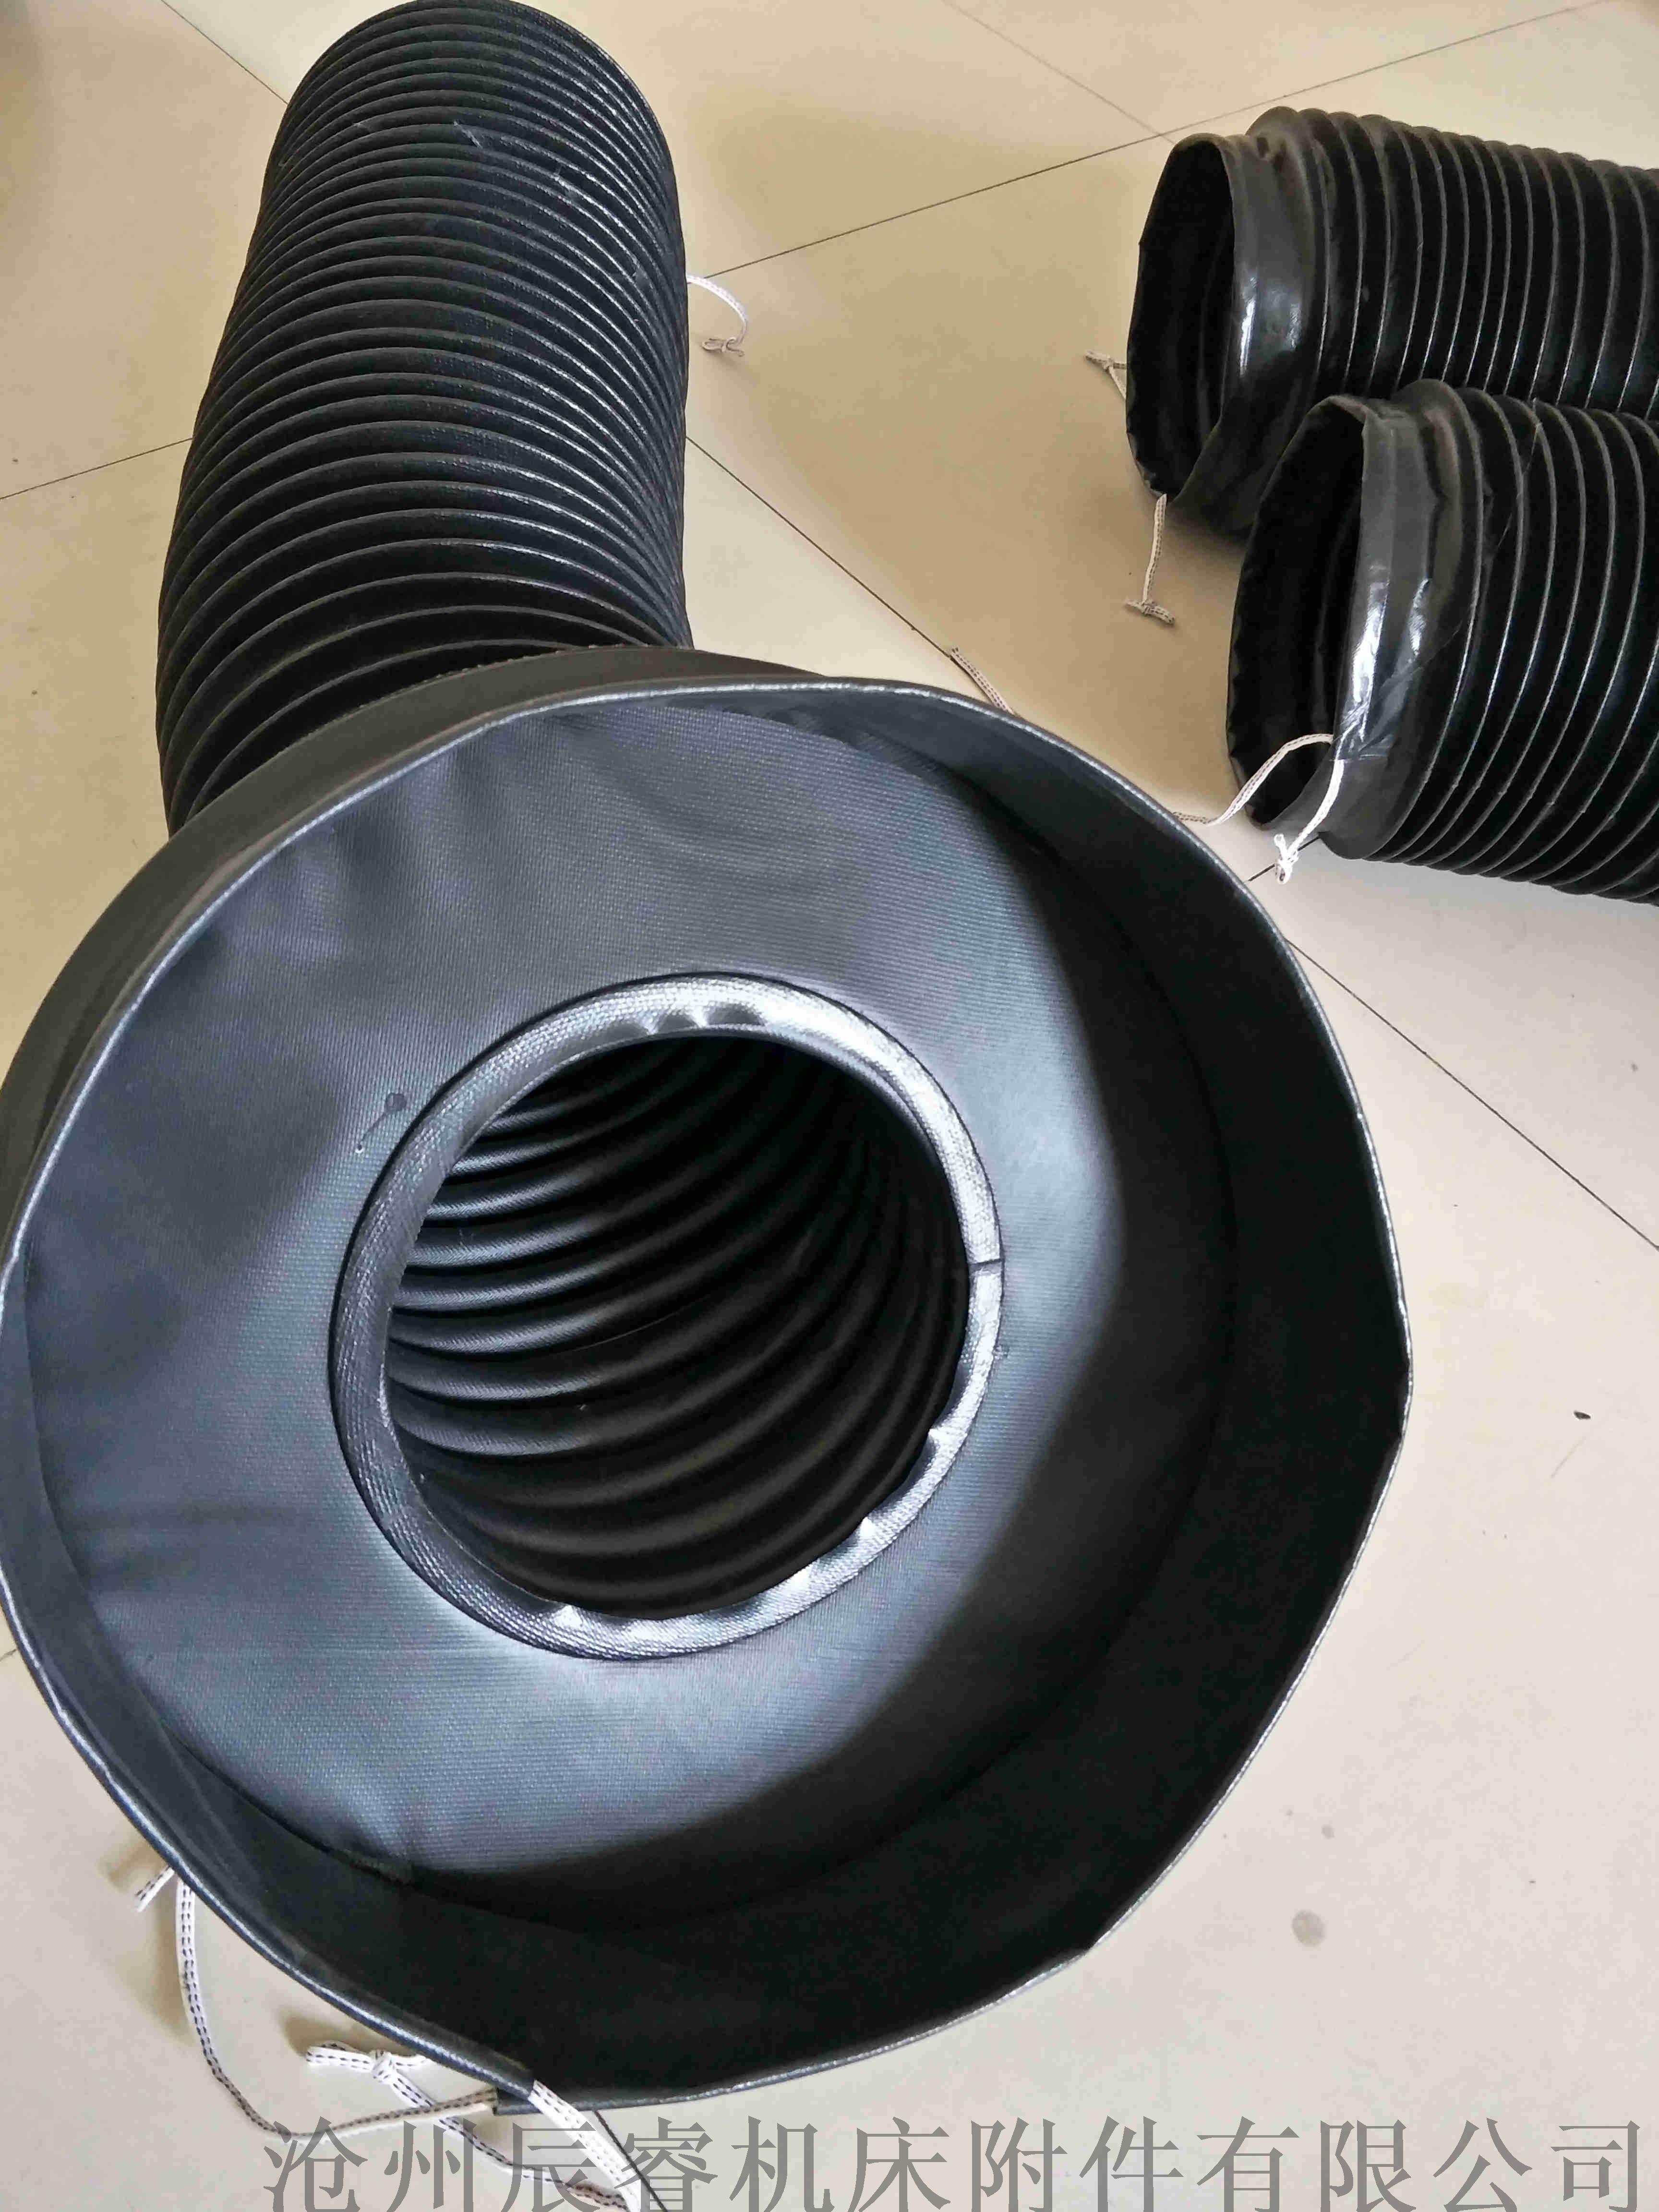 圆筒式油缸防护罩,风琴样式圆筒油缸防护罩840788935